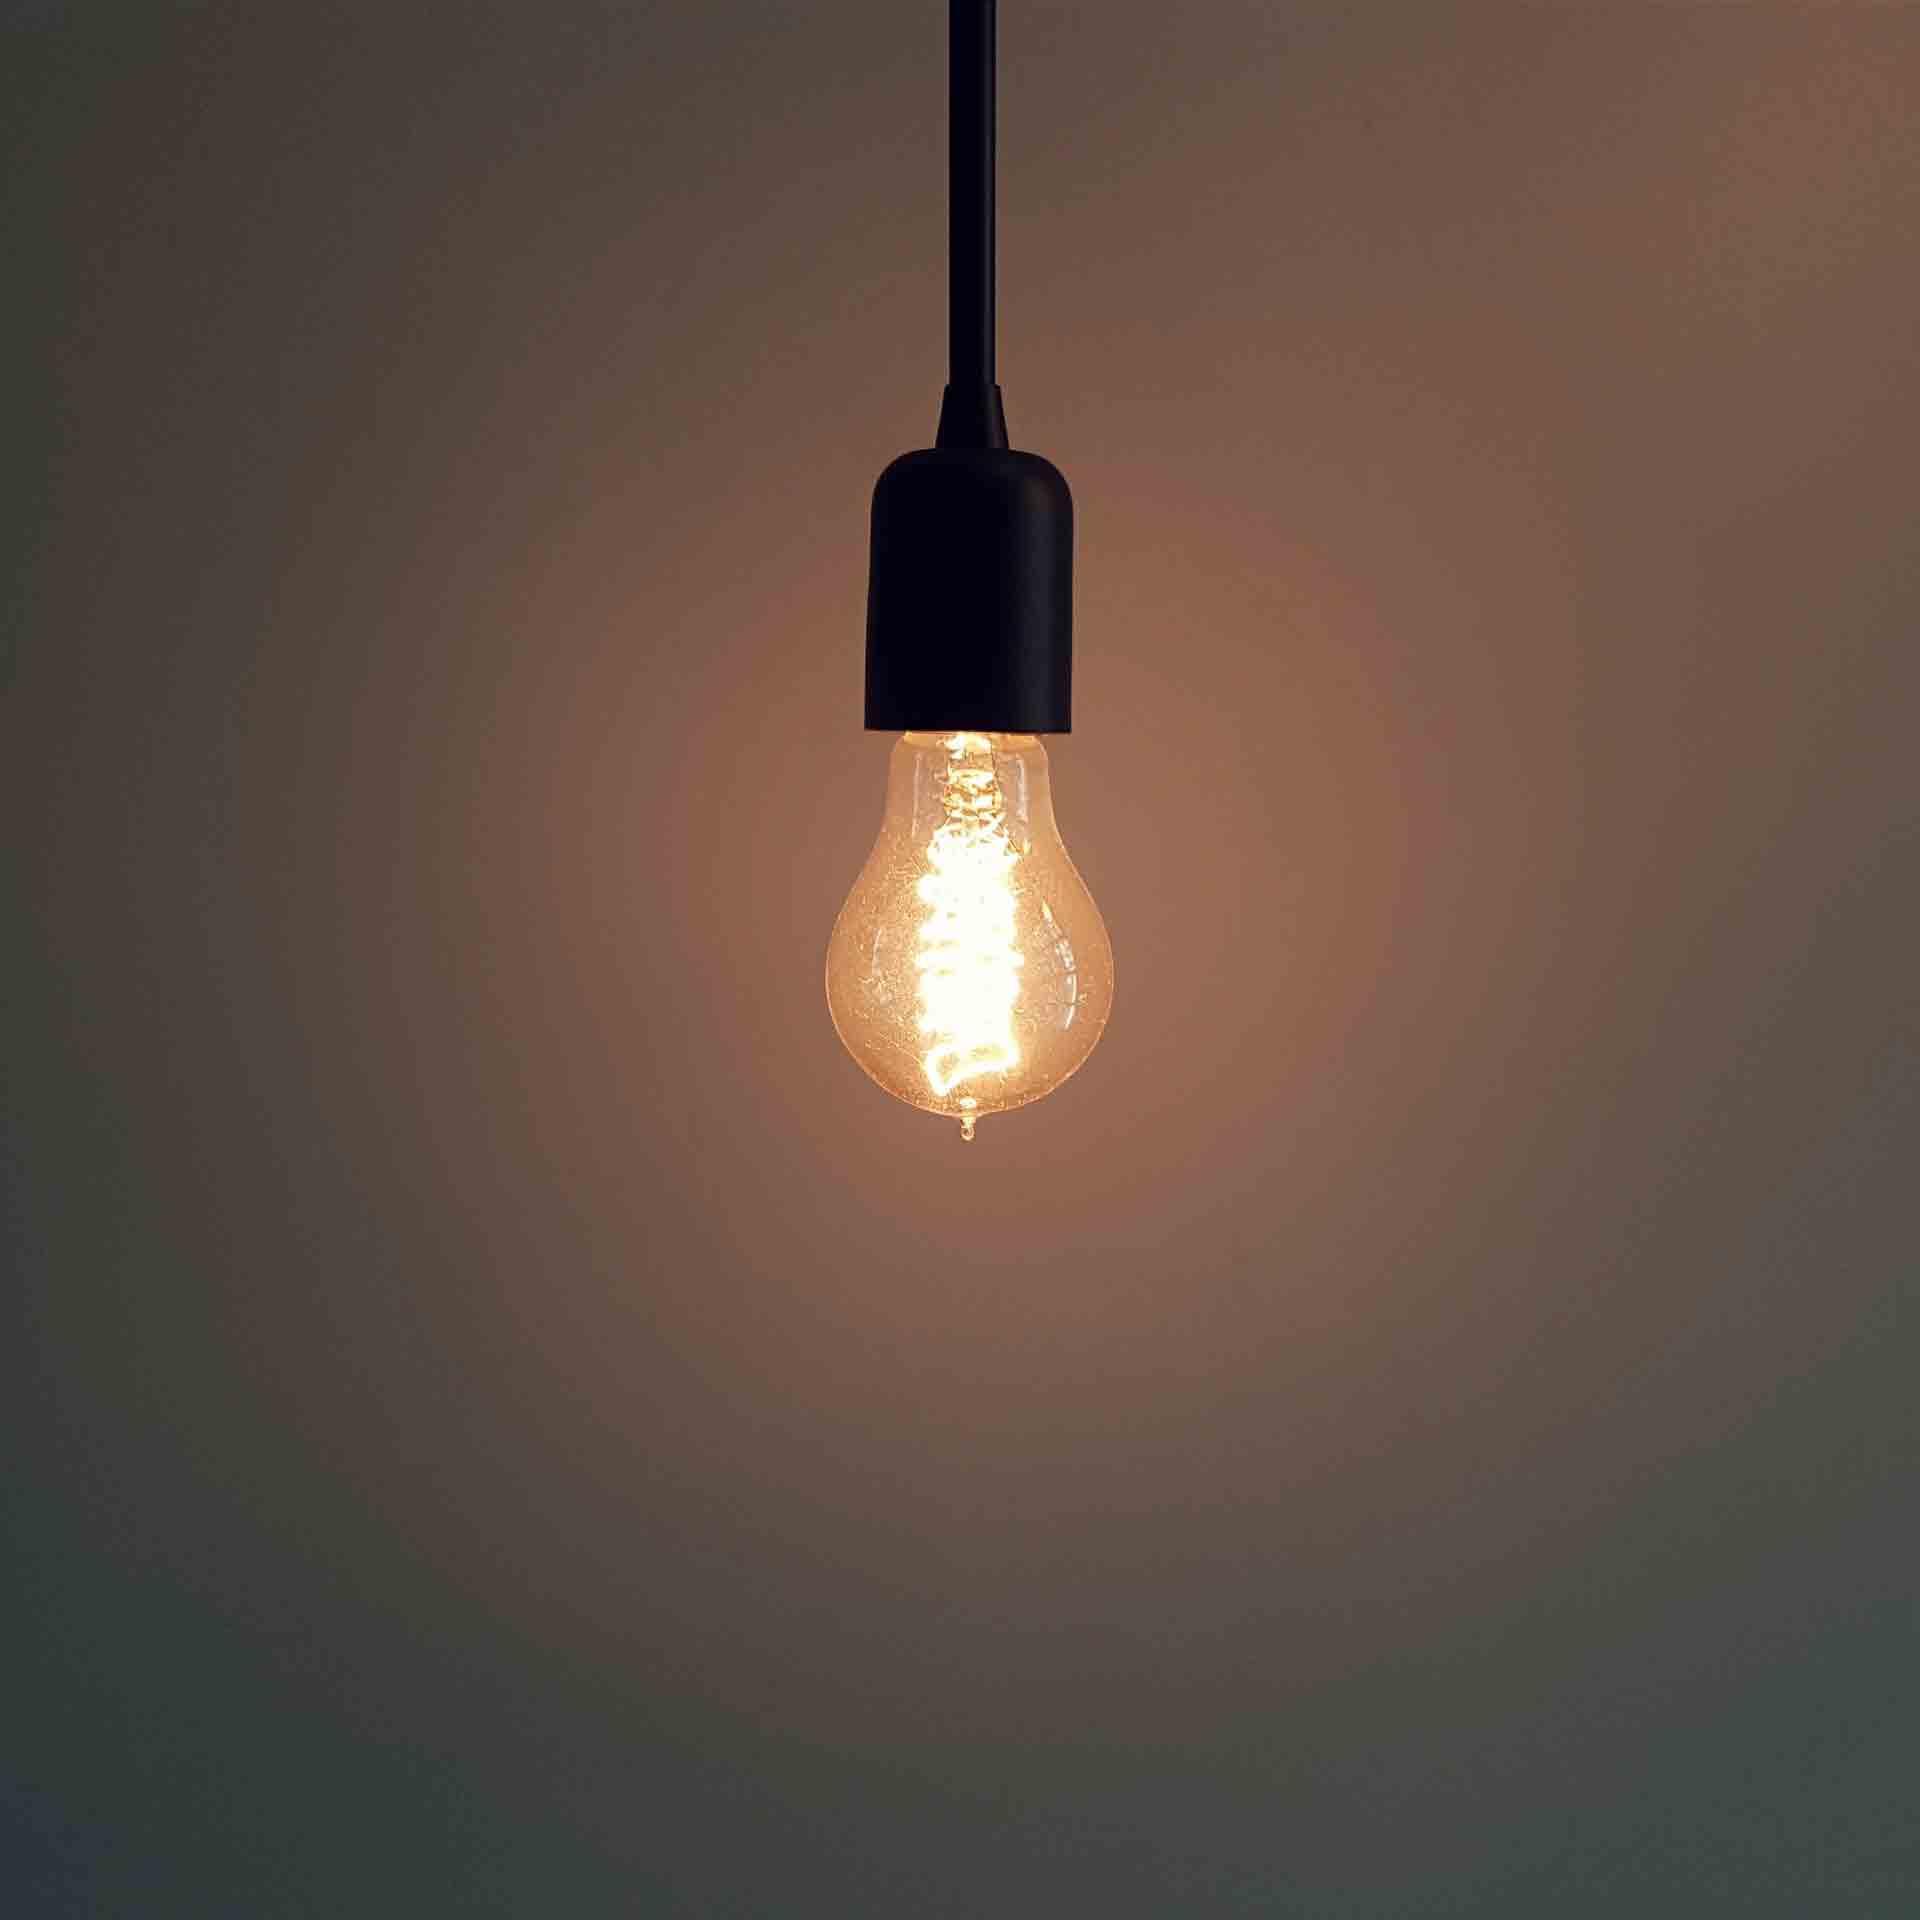 Glühbirne Vision finden pexels-burak-k